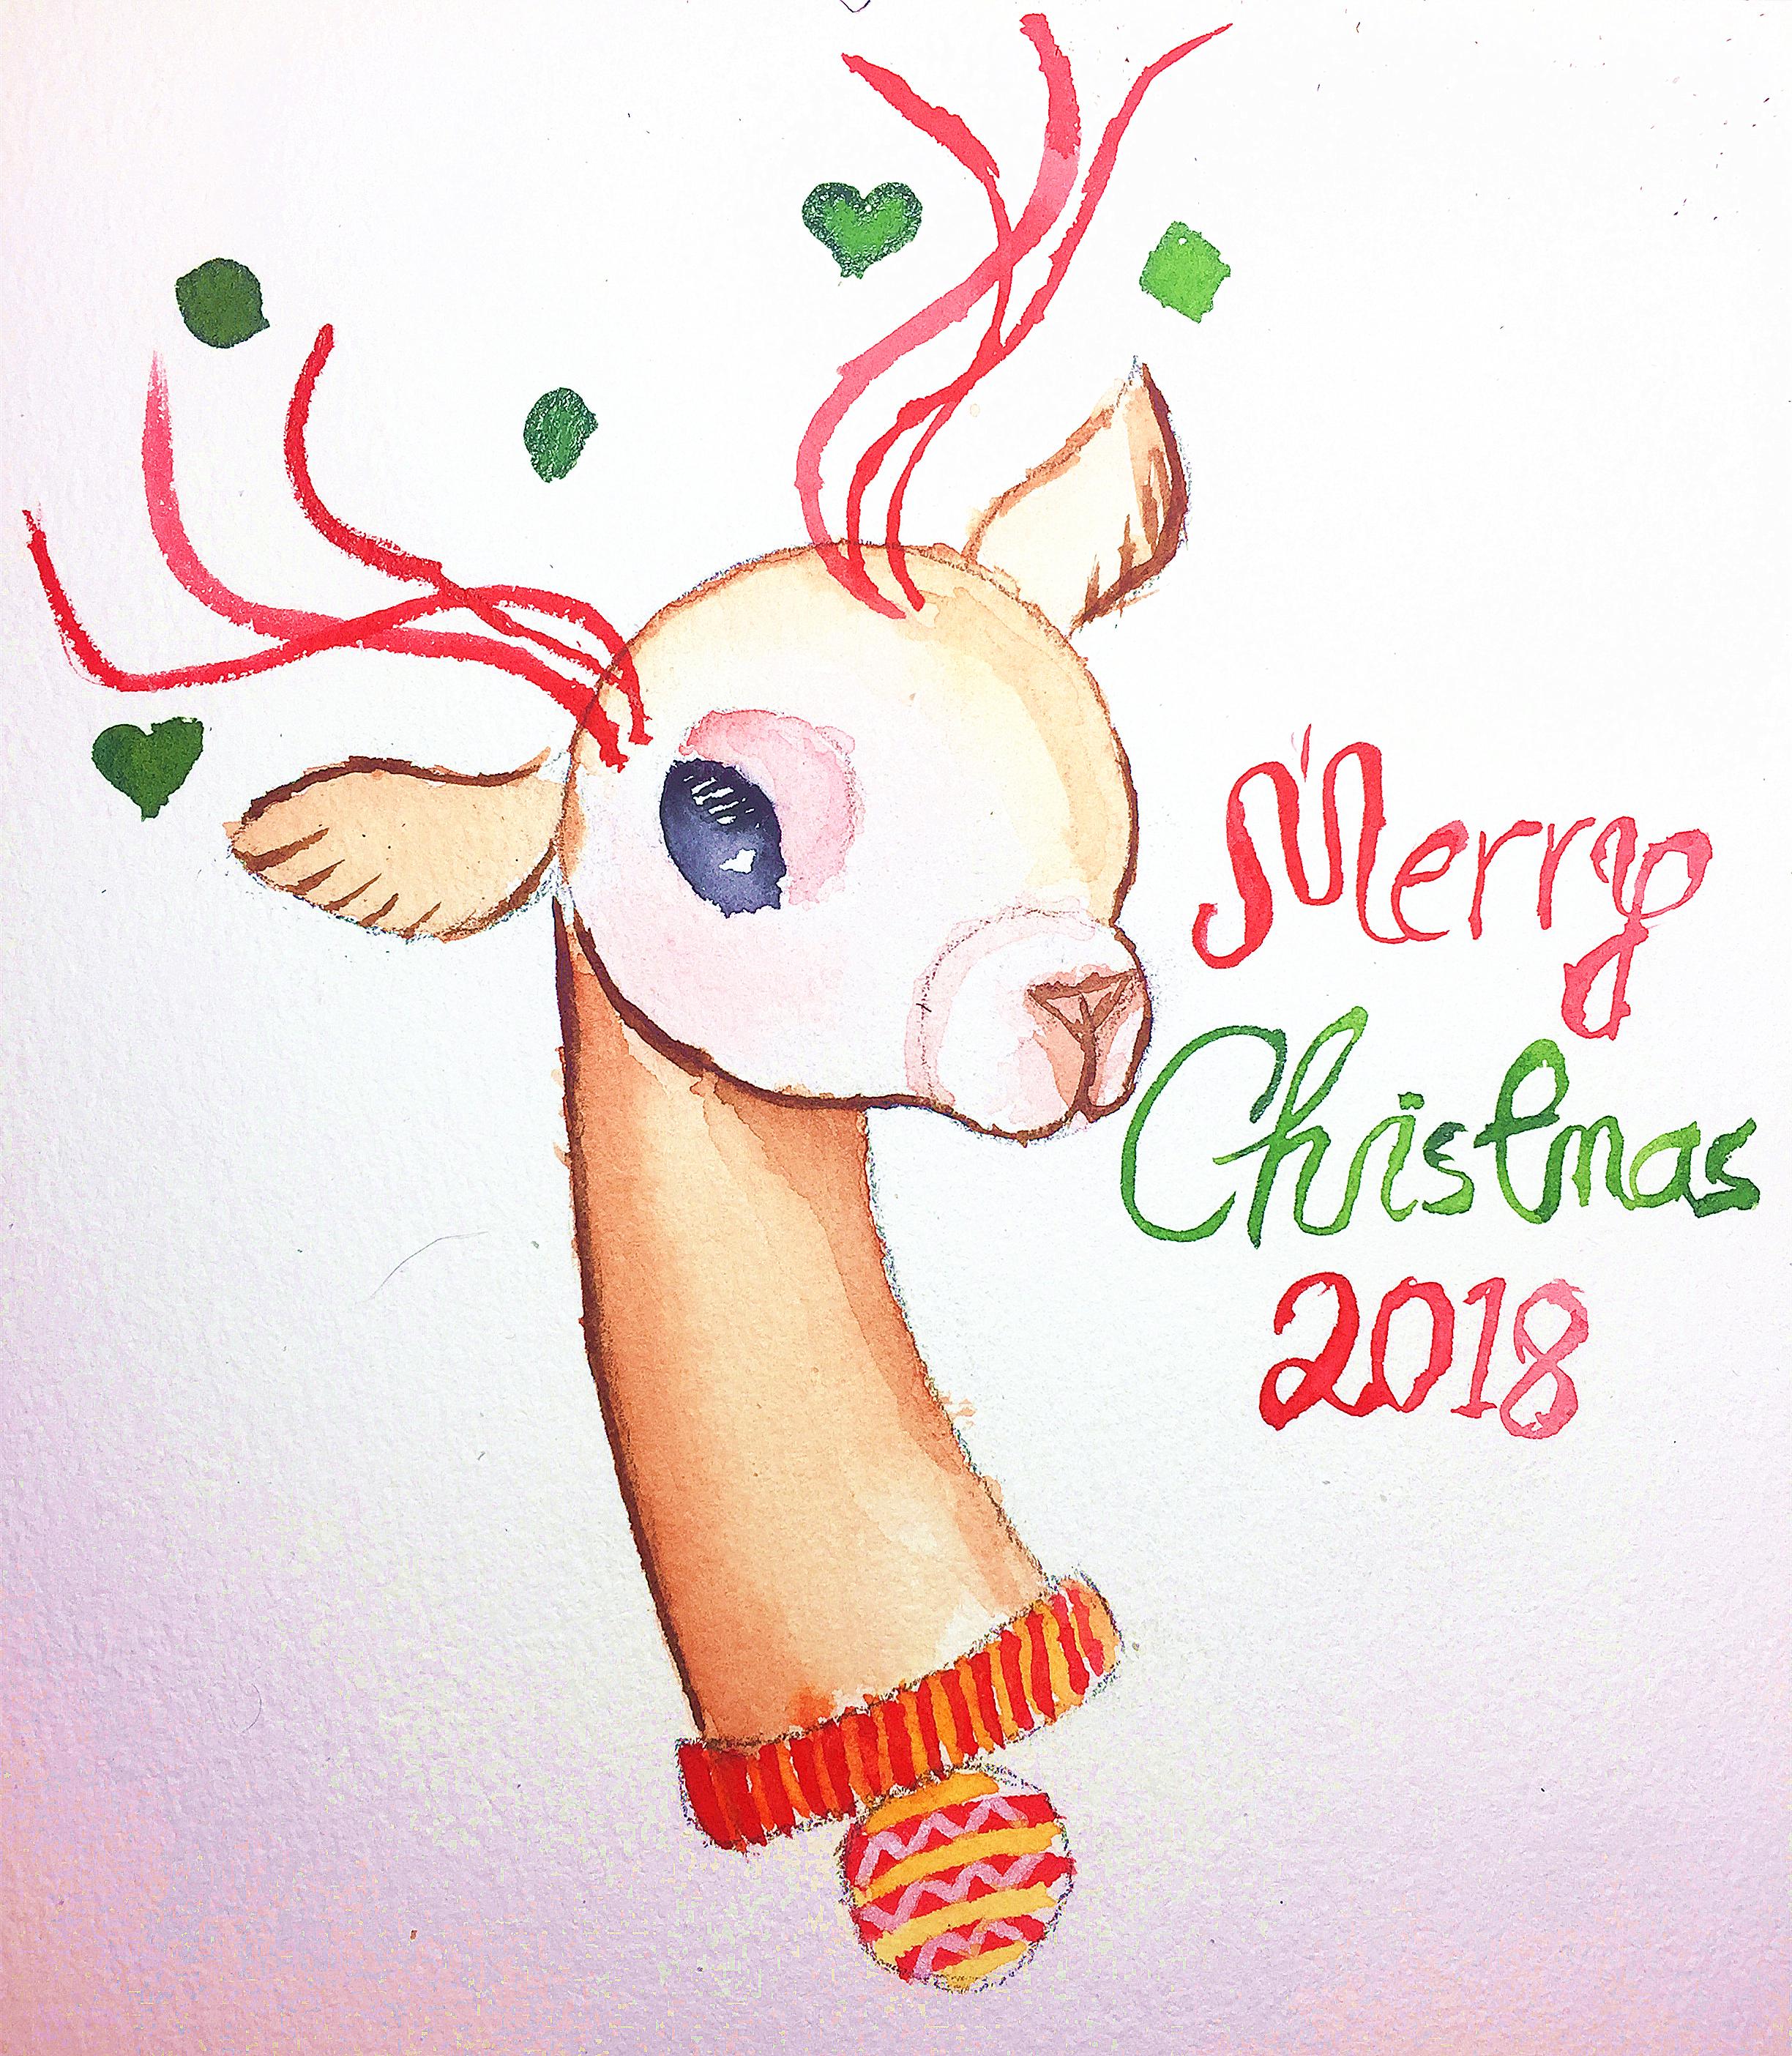 水彩画作品 – 圣诞小鹿